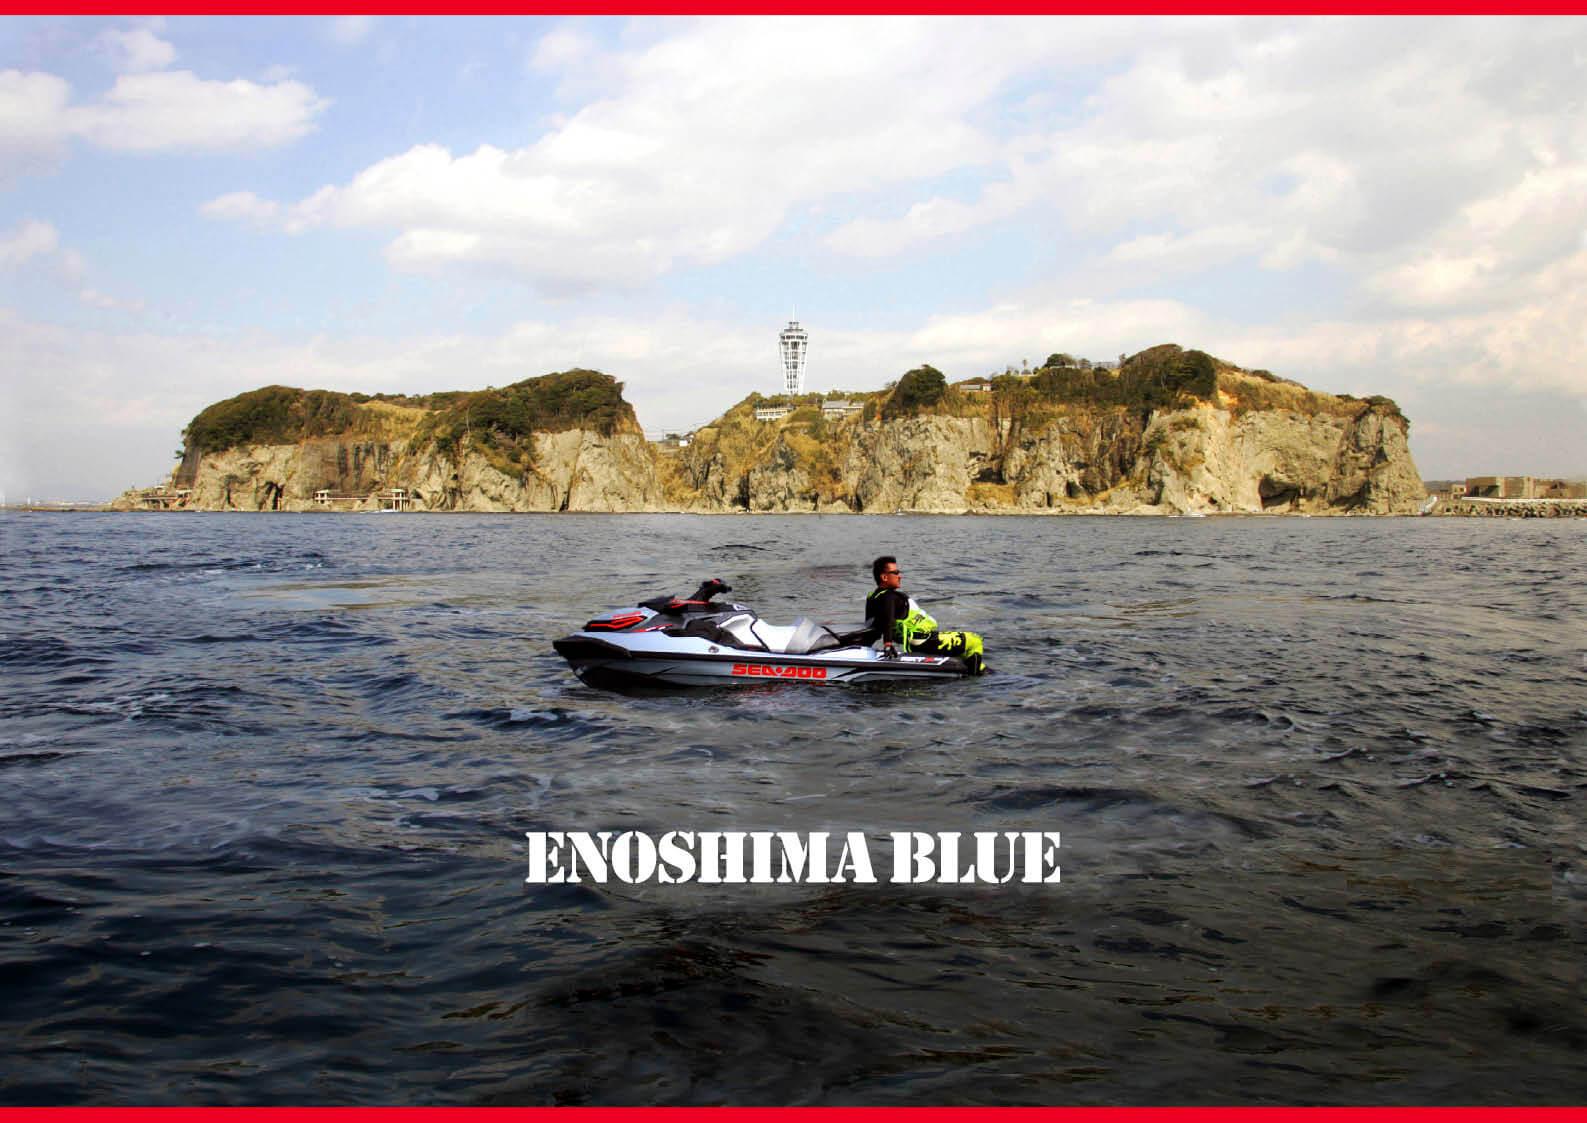 バーベキューも問題に! 江の島近くの海水浴場、今夏、開設を断念‼ (水上バイク)ジェットスキーコラム